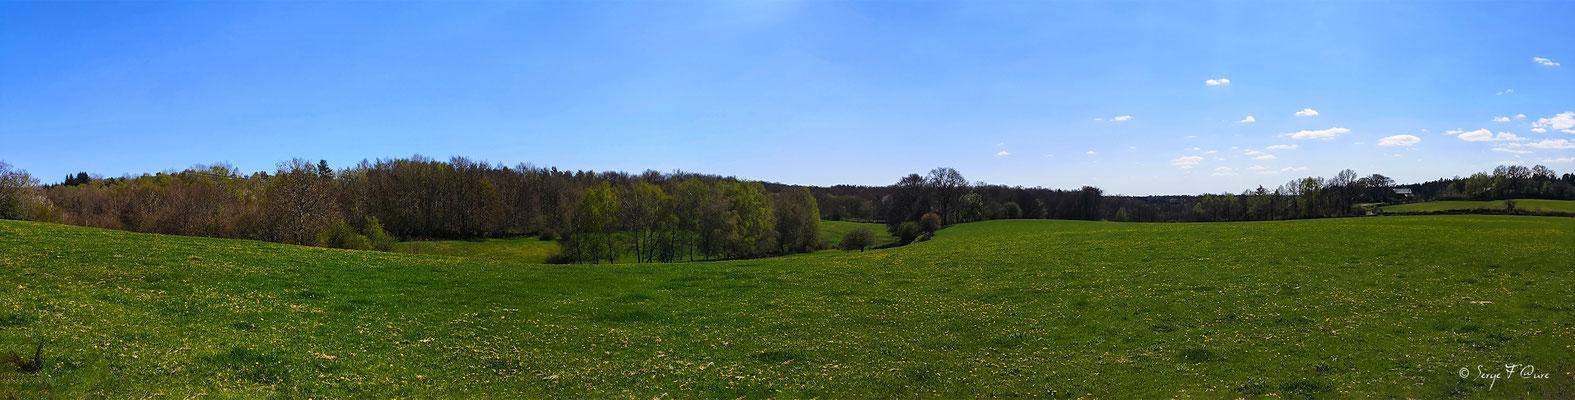 Paysage de campagne fleuris dans les Combrailles - Auvergne - France